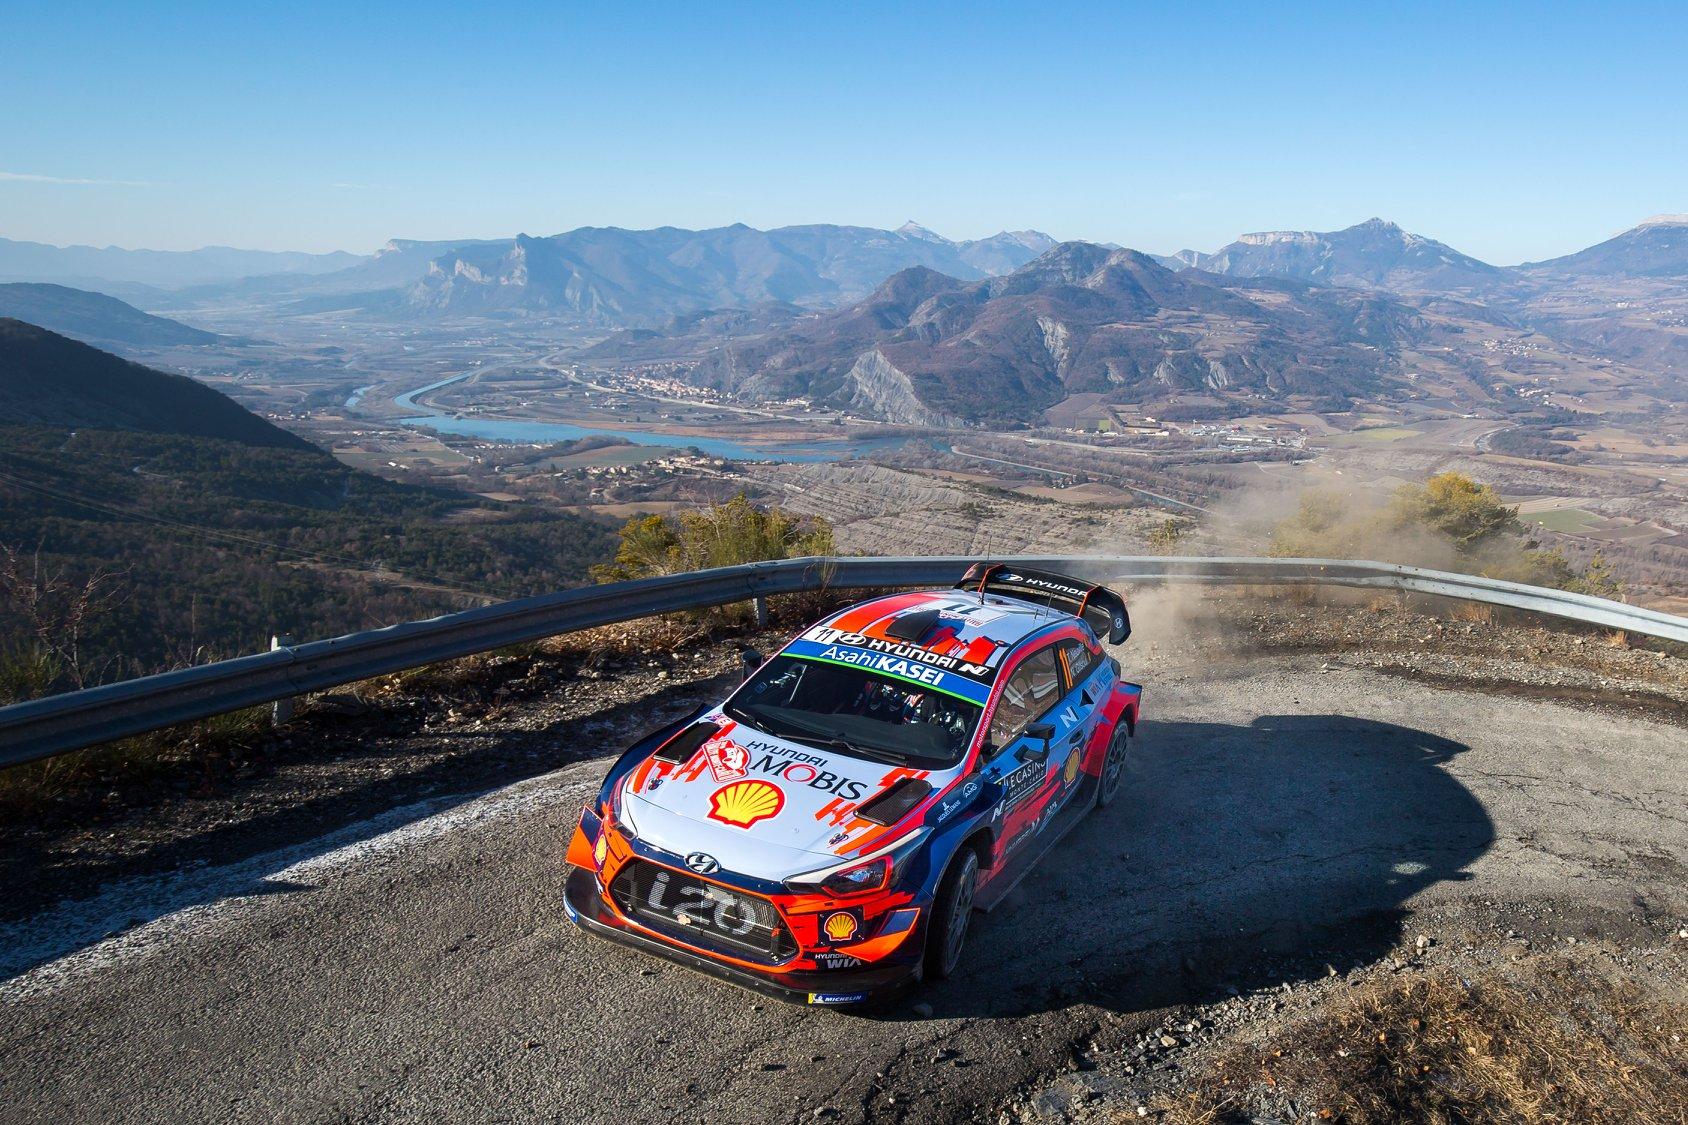 Calendrier Rallye   Pilote de Course   Rallye RallyCross Drift Fun